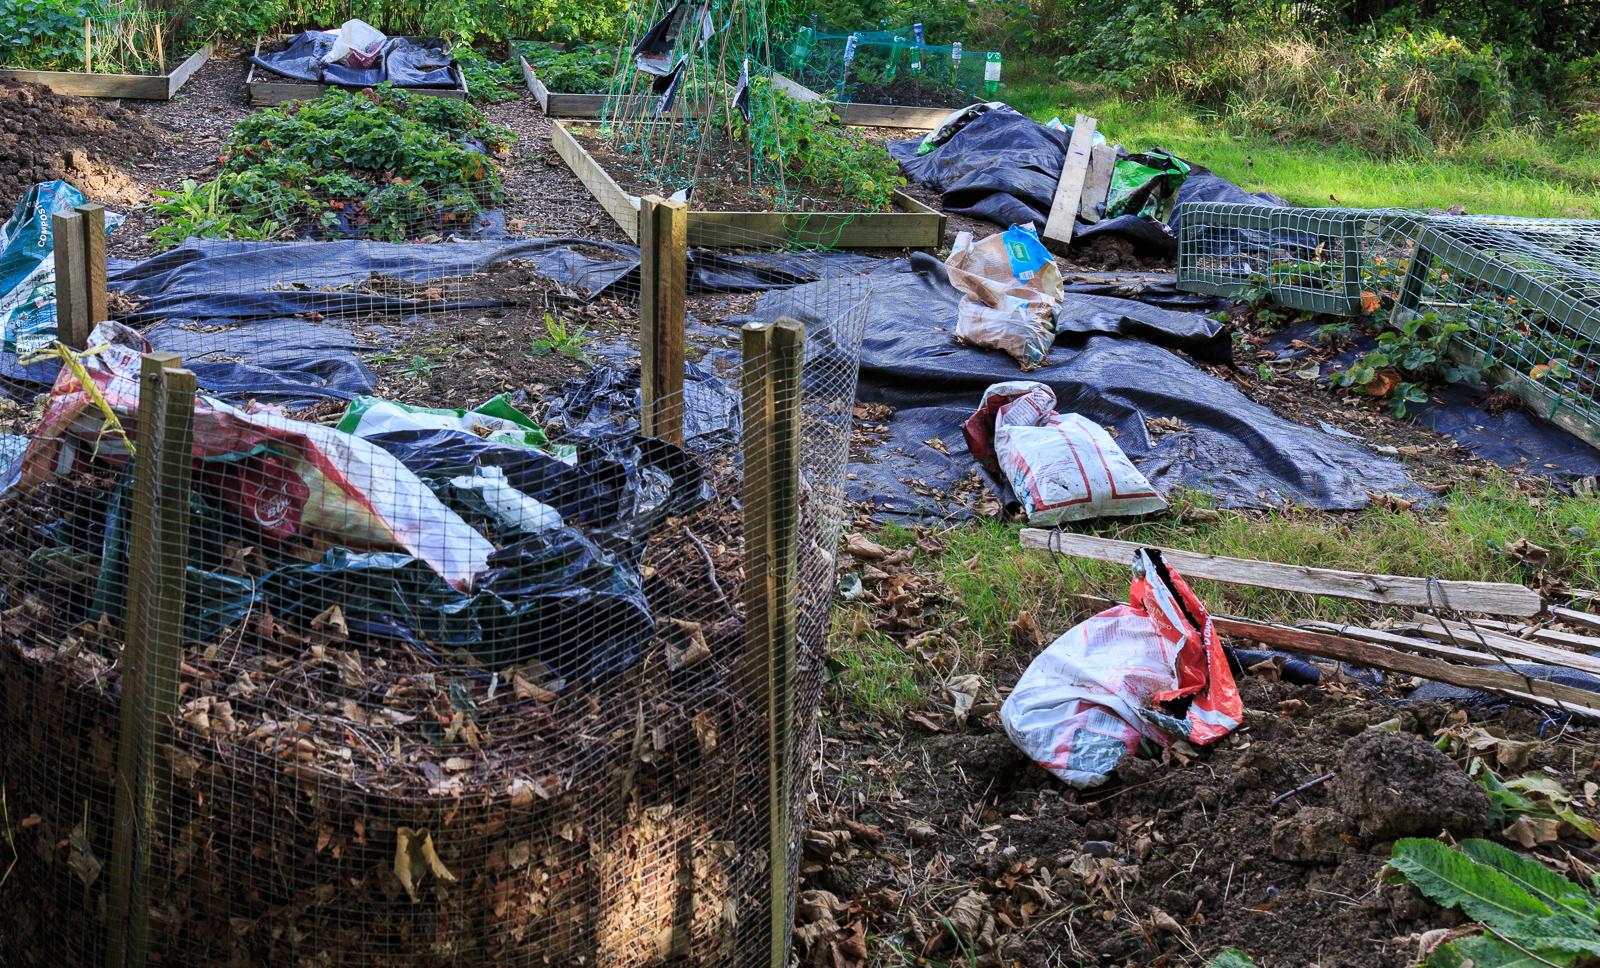 20161012_hillingdon_cuckoo-hill-allotments_allotment